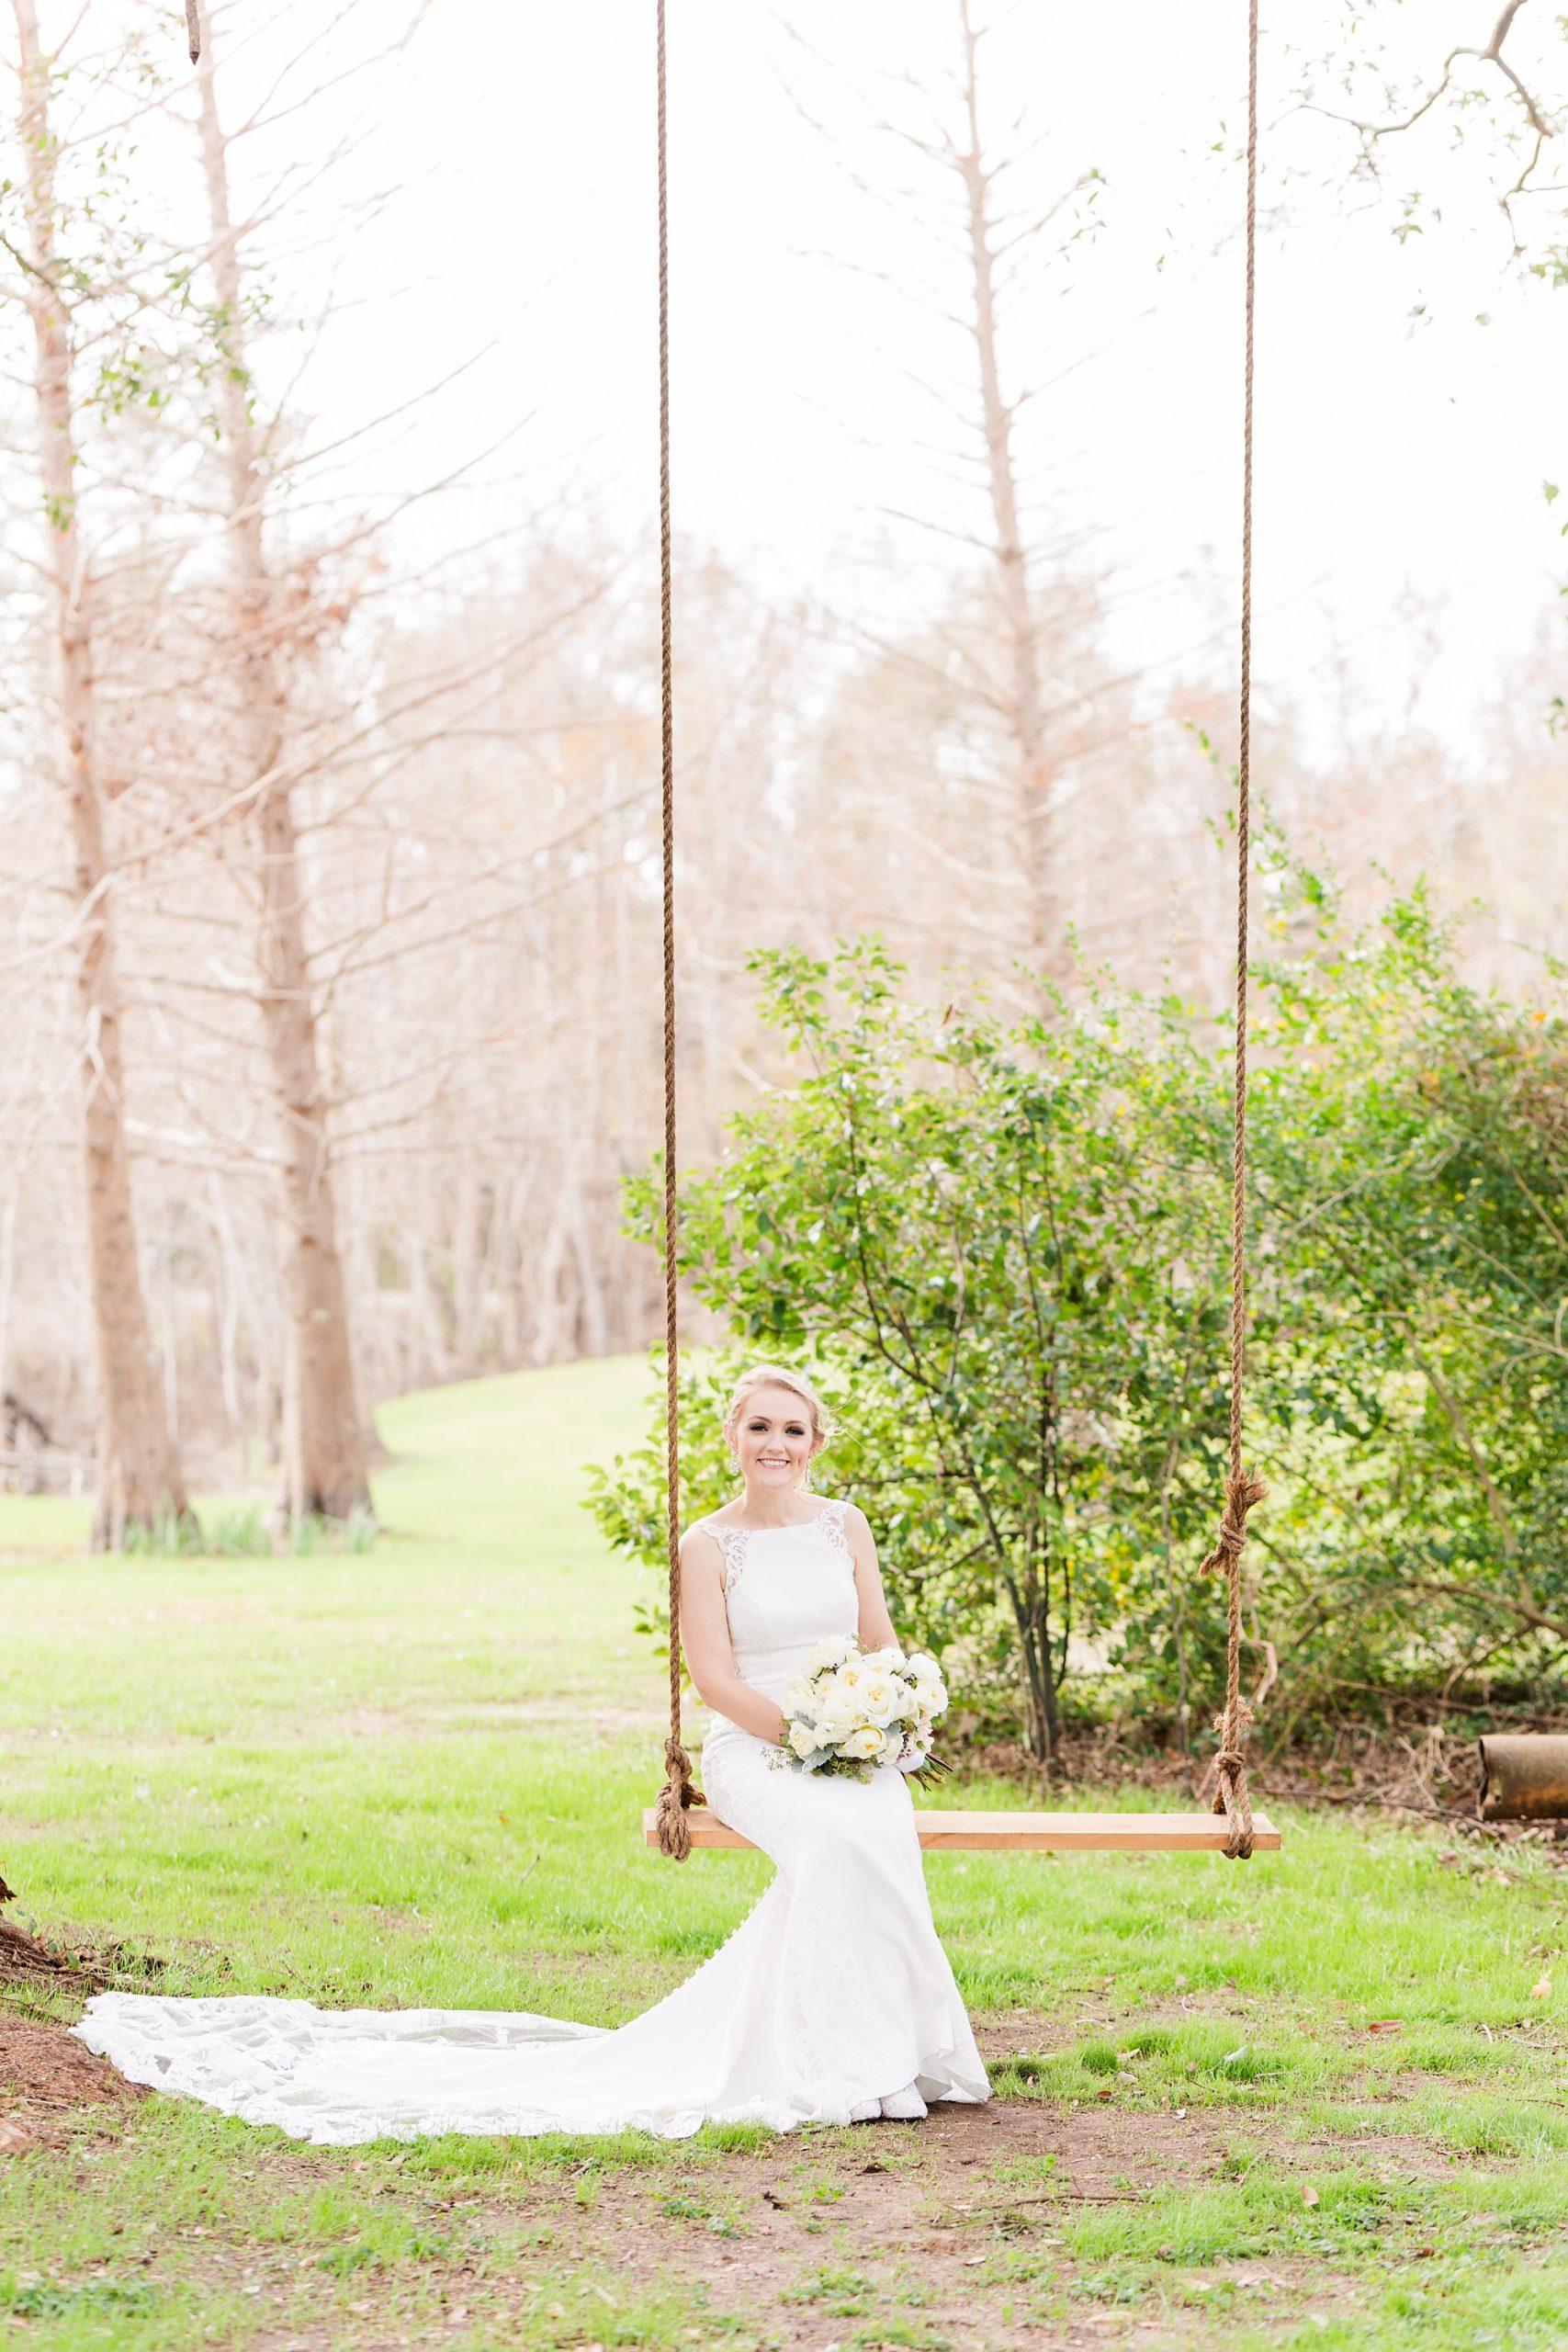 bride swings on wooden swing